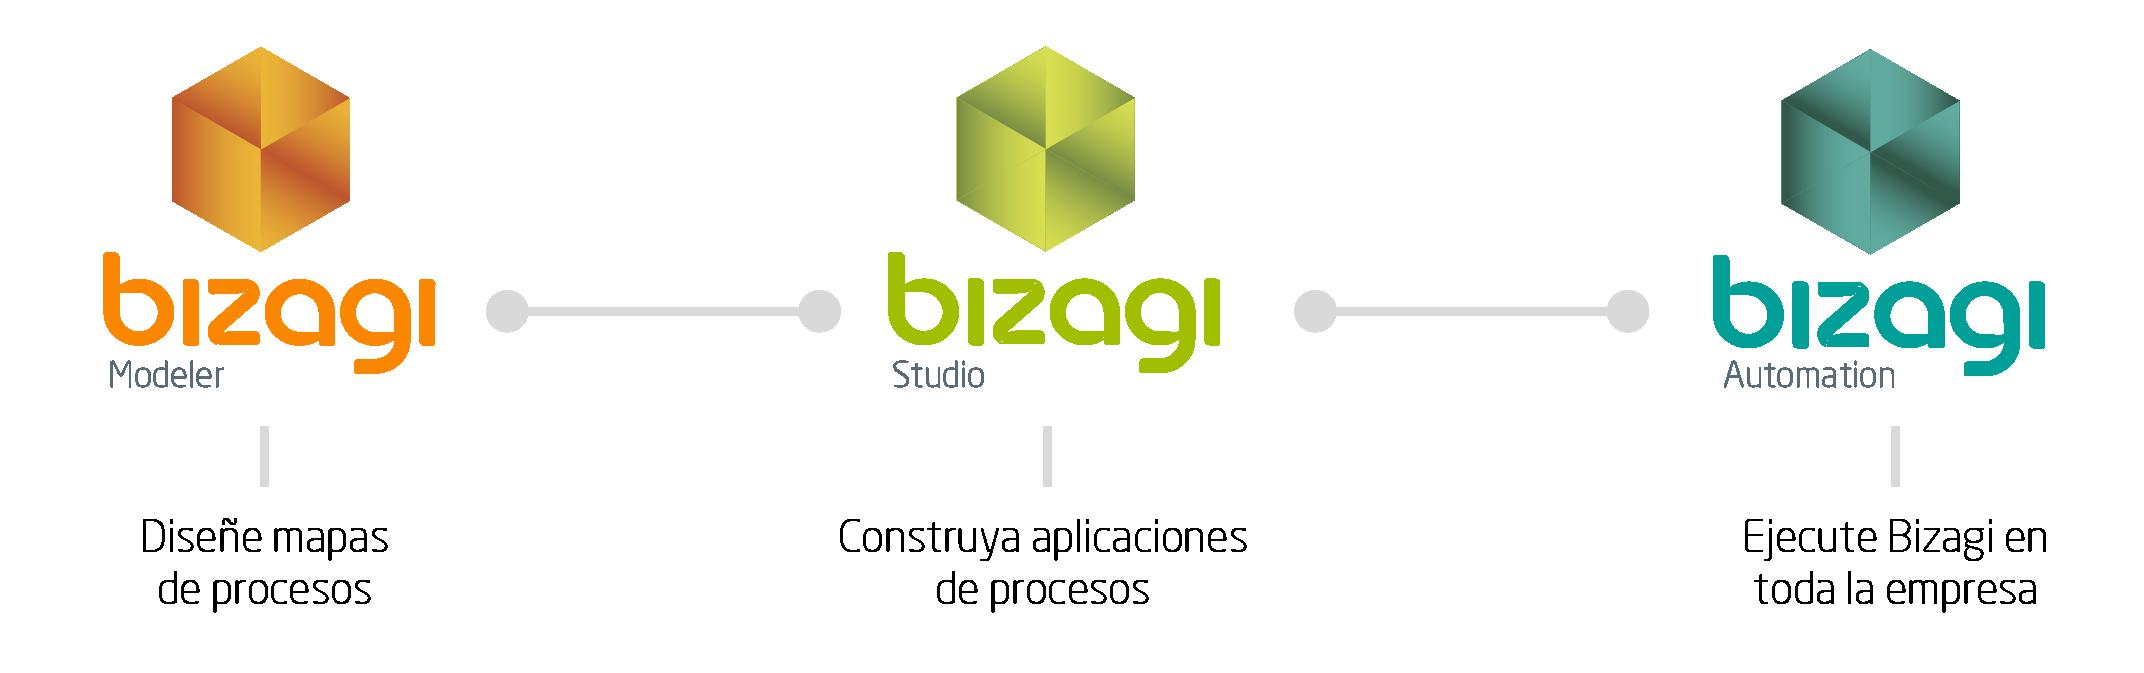 DS4B-BIZAGI-02-02